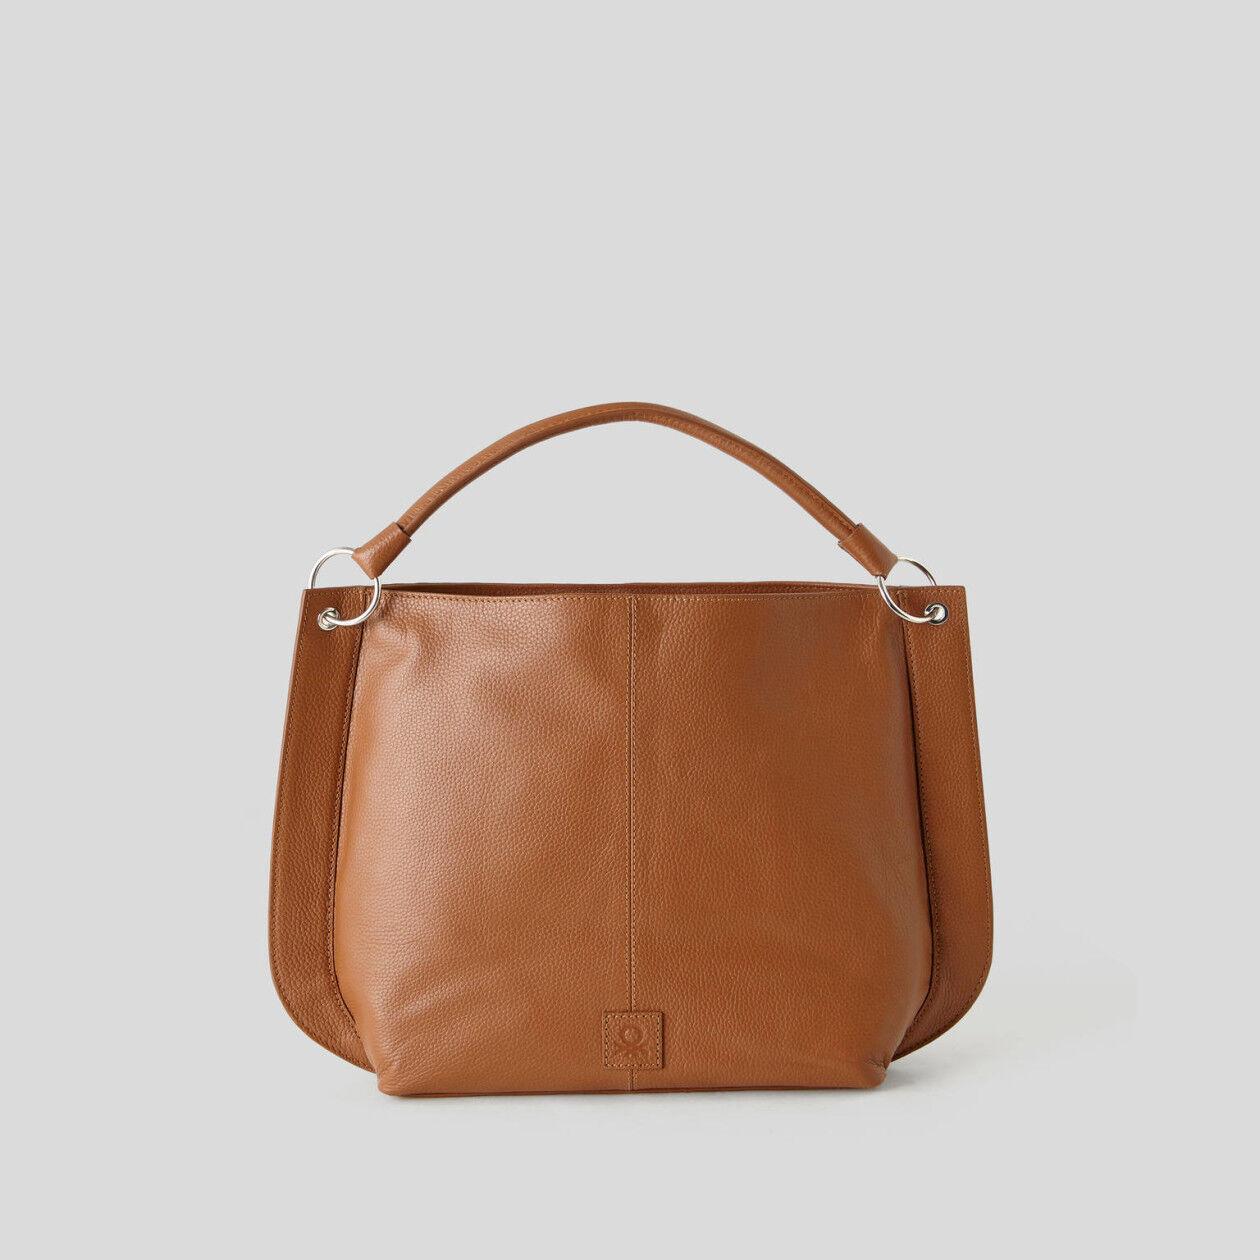 Τσάντα hobo από γνήσιο δέρμα